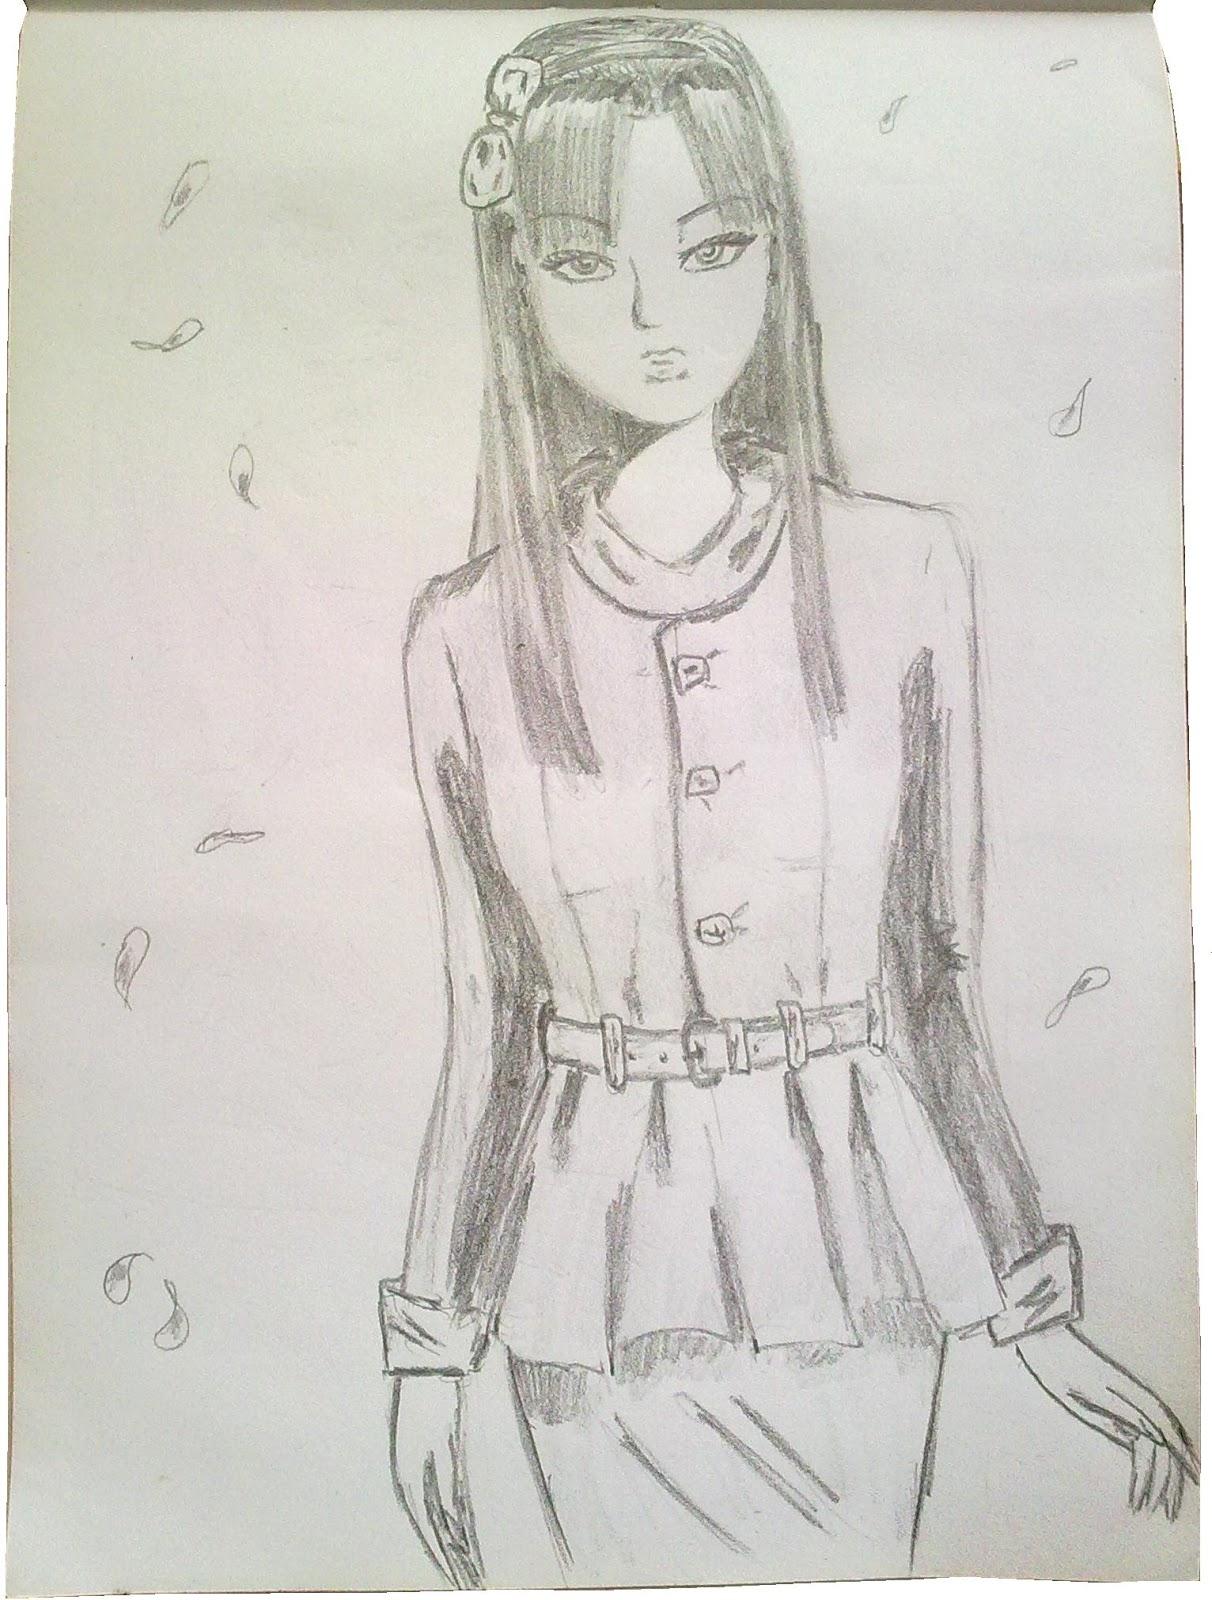 -http://3.bp.blogspot.com/-Lr5XgS8C92A/UcmyCjRB--I/AAAAAAAAA6o/3TXmsS2b8ro/s1600/Anime+%25C3%25A7izimi.jpg